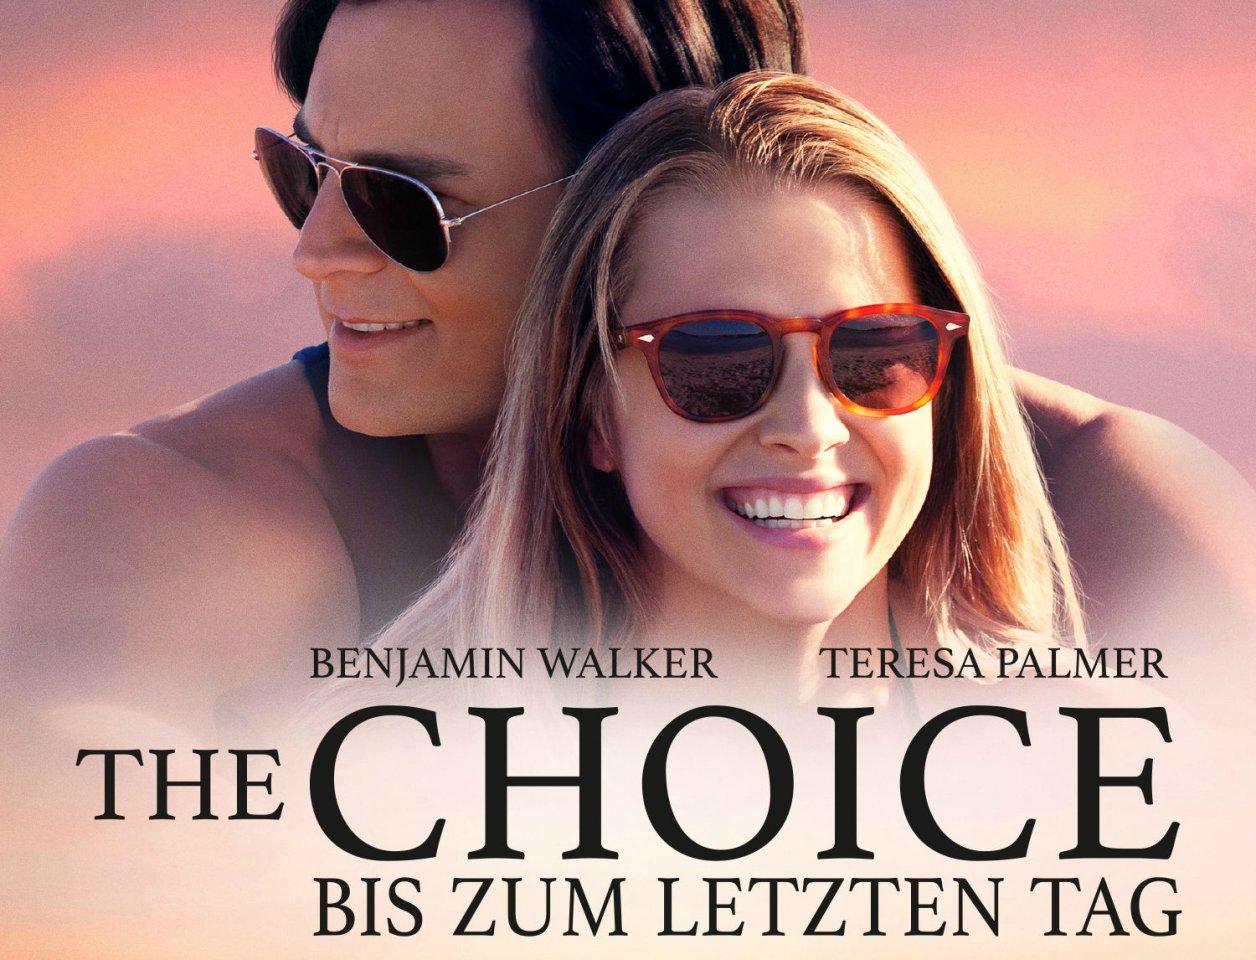 The Choice - Bis zum letzten Tag erscheint am 26.08.2016 auf DVD, Blu-Ray und als Video on Demand.